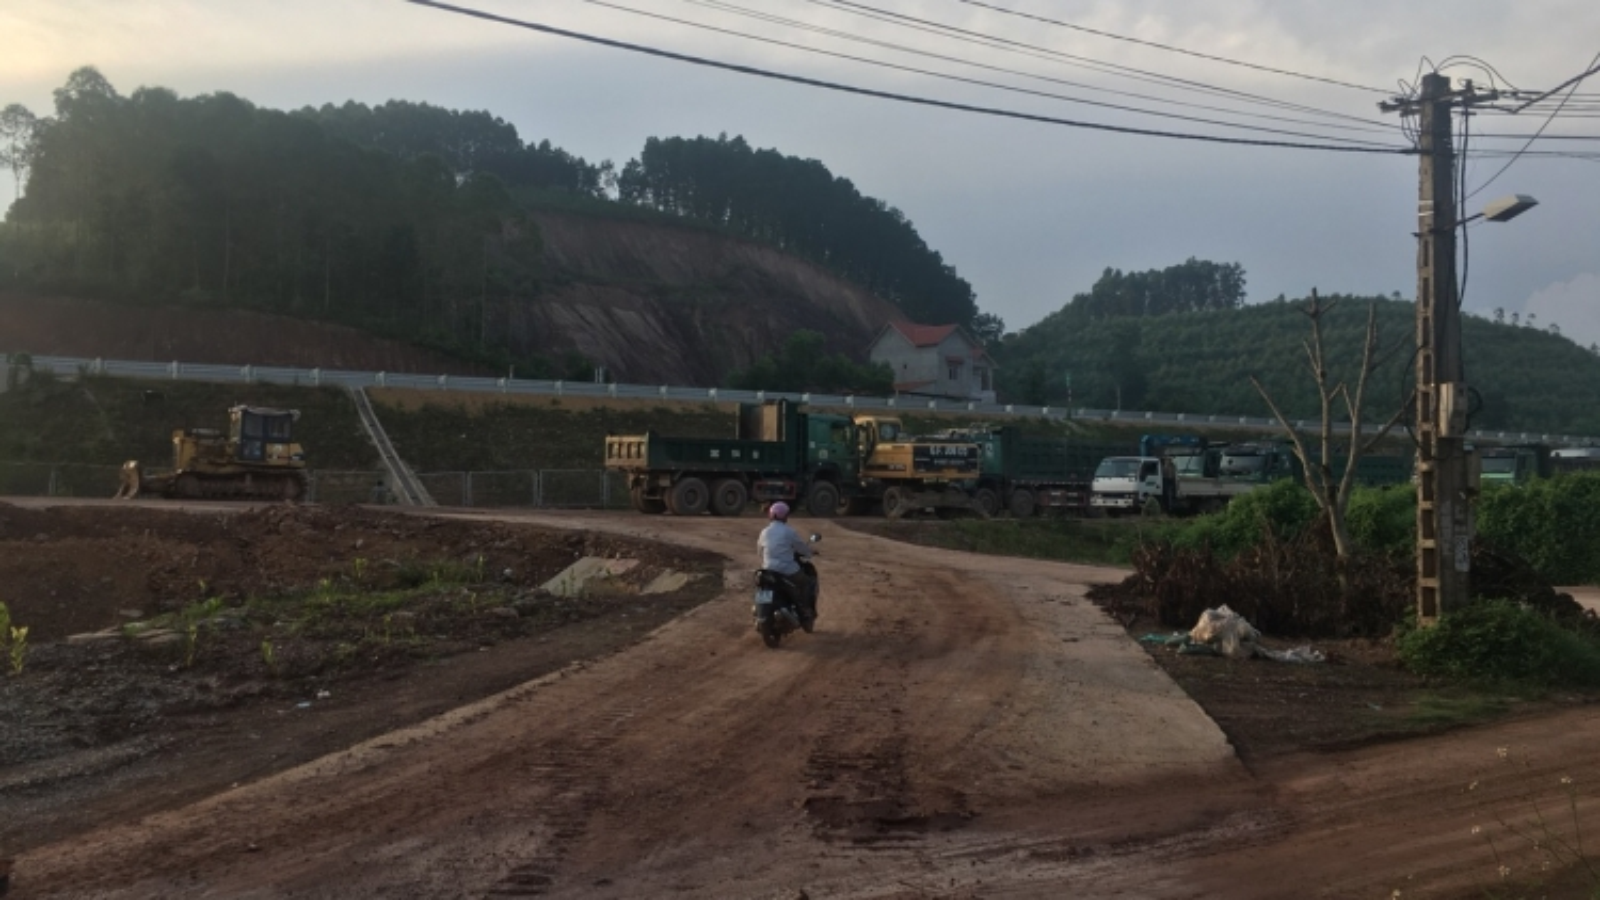 """Chính quyền ở đâu khi xe quá tải """"cày nát"""" đường gom cao tốc Bắc Giang - Lạng Sơn?"""